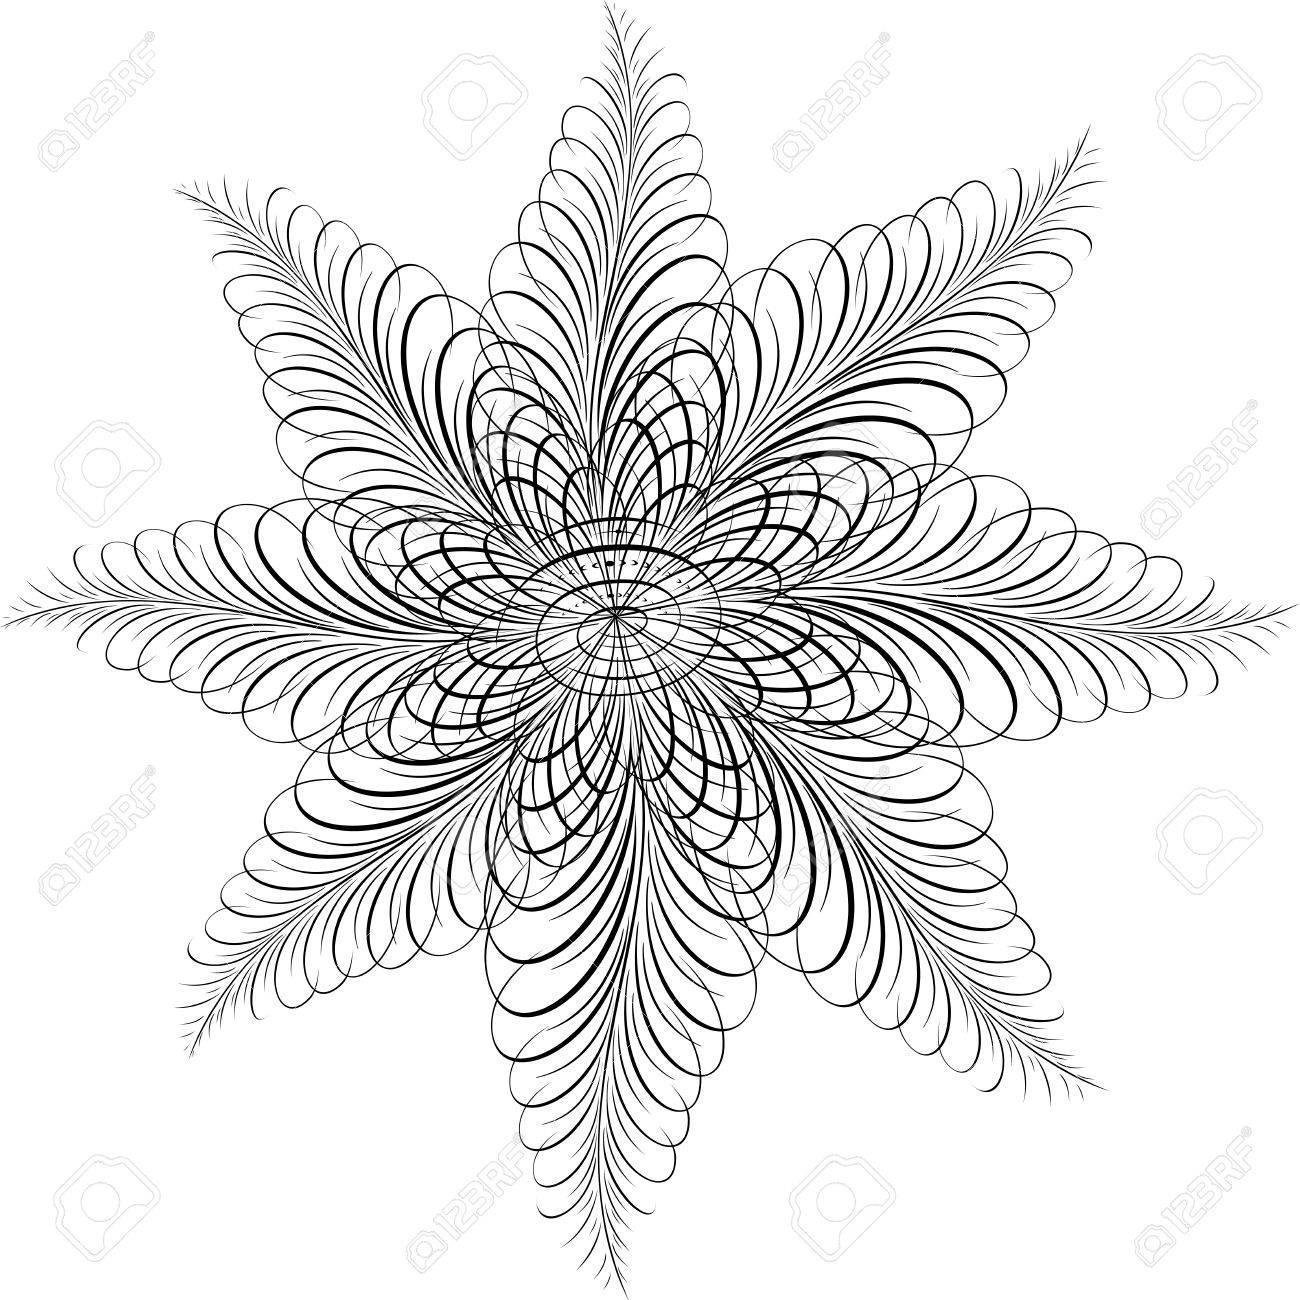 Calligraphic Star, Vector Design Element Stock Vector - 25050184